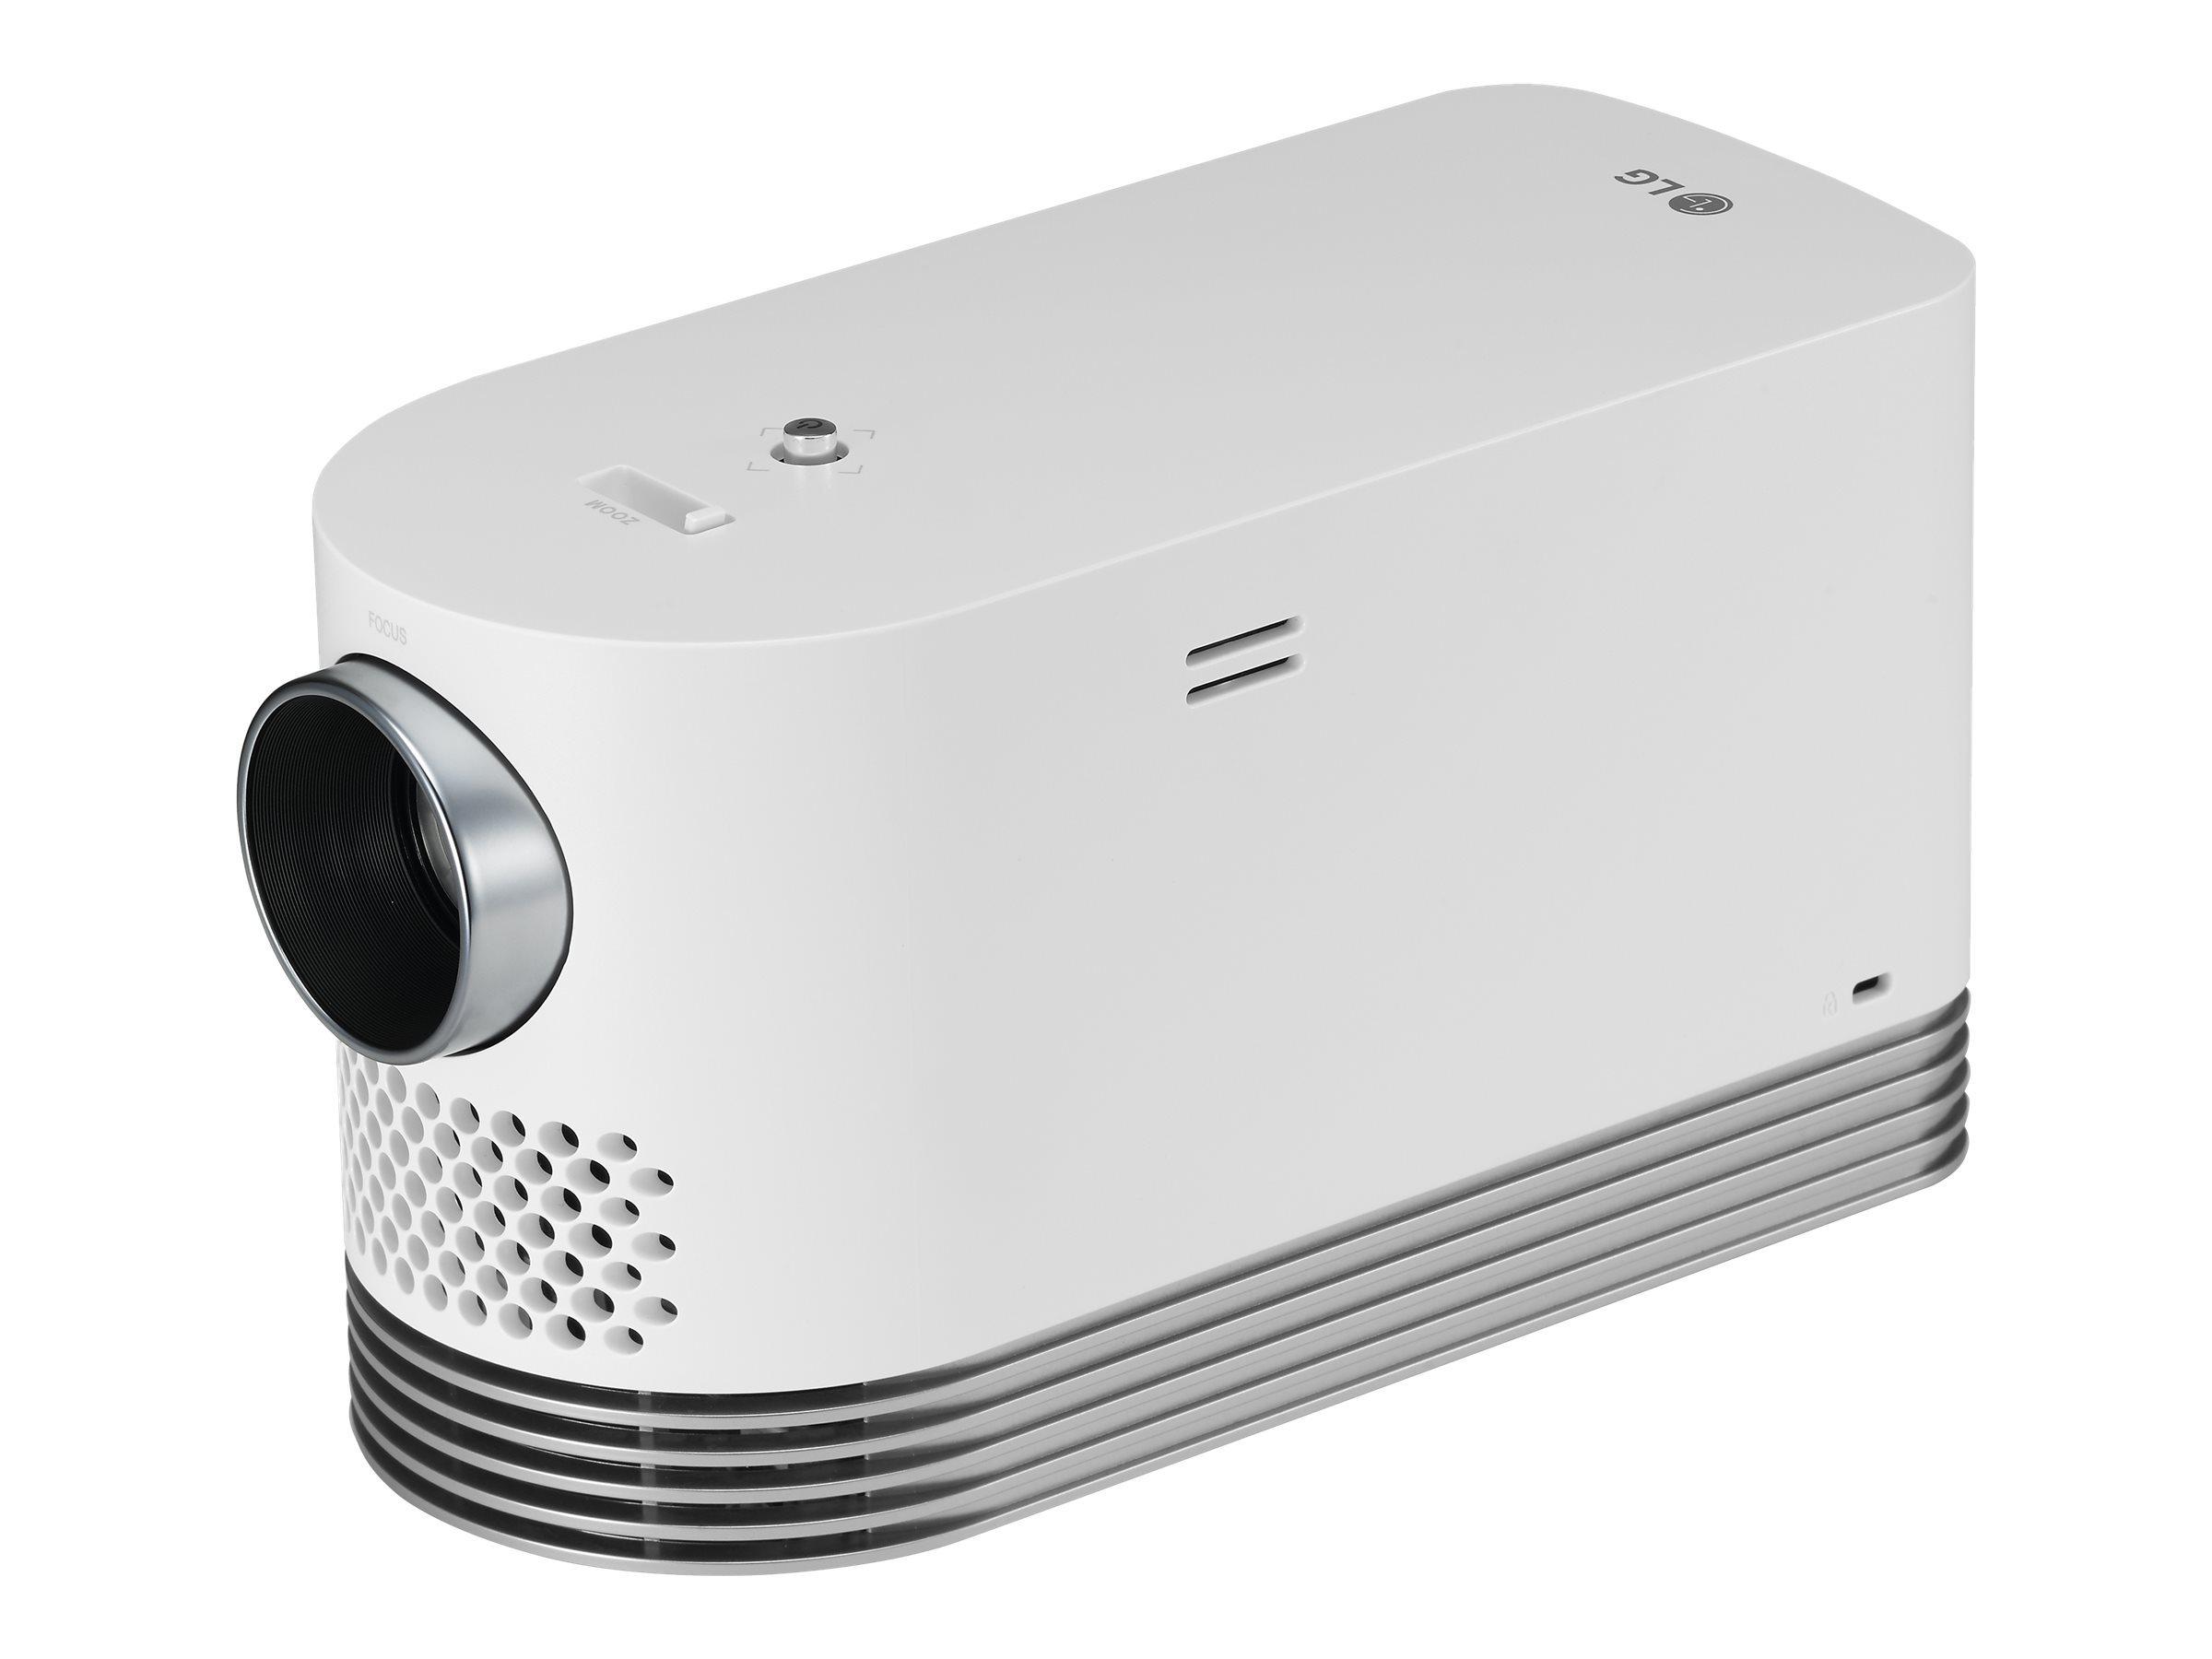 LG HF80JG Laser Projektor FullHD LED 4:3 16:9 1.920x1.080